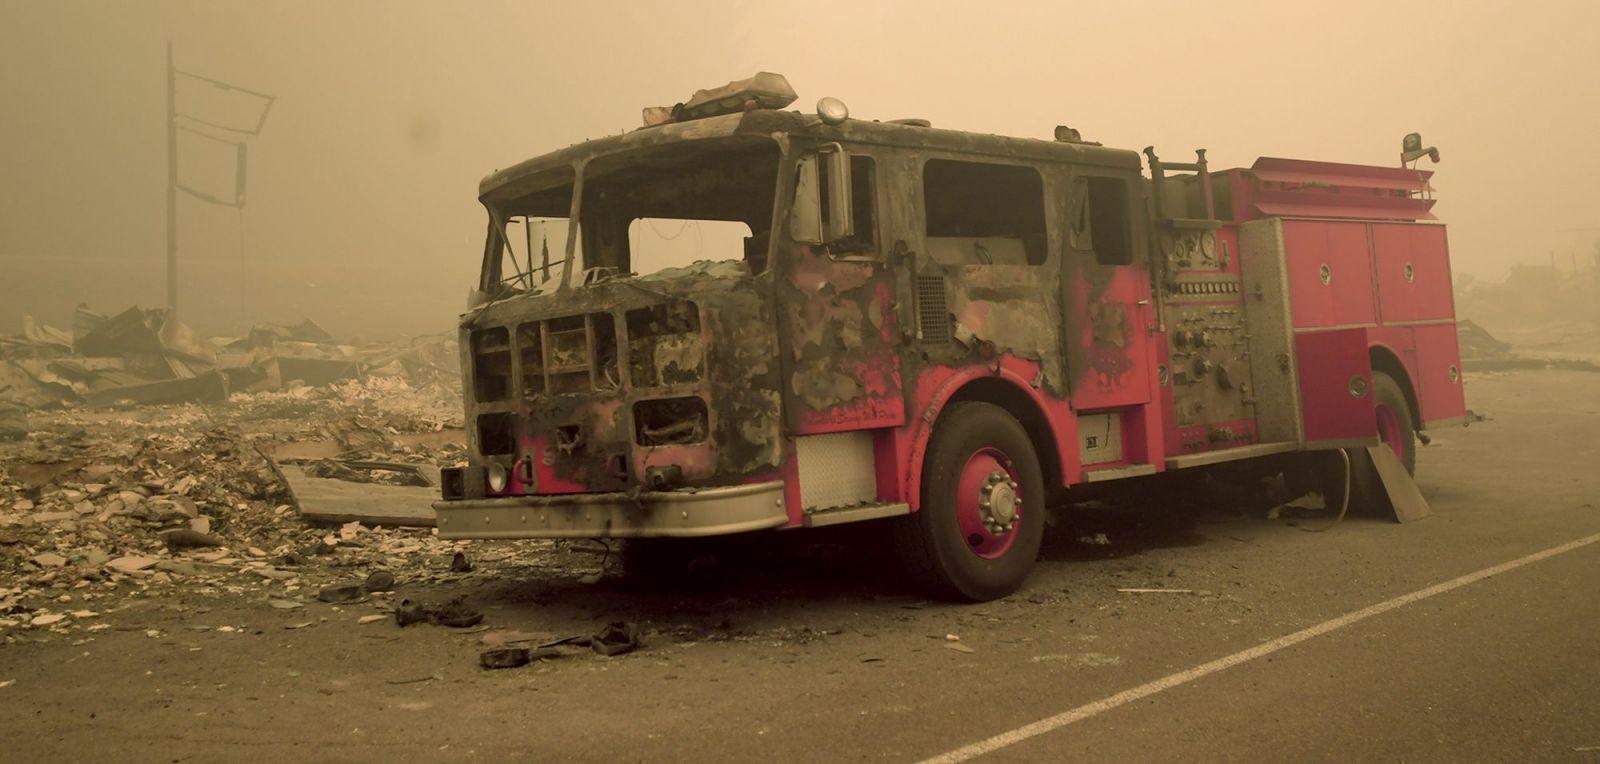 Zničené požiarnicke auto v Detroite, v štáte Oregon 11. septembra 2020. Vozidlo zničil požiar Lionshead.